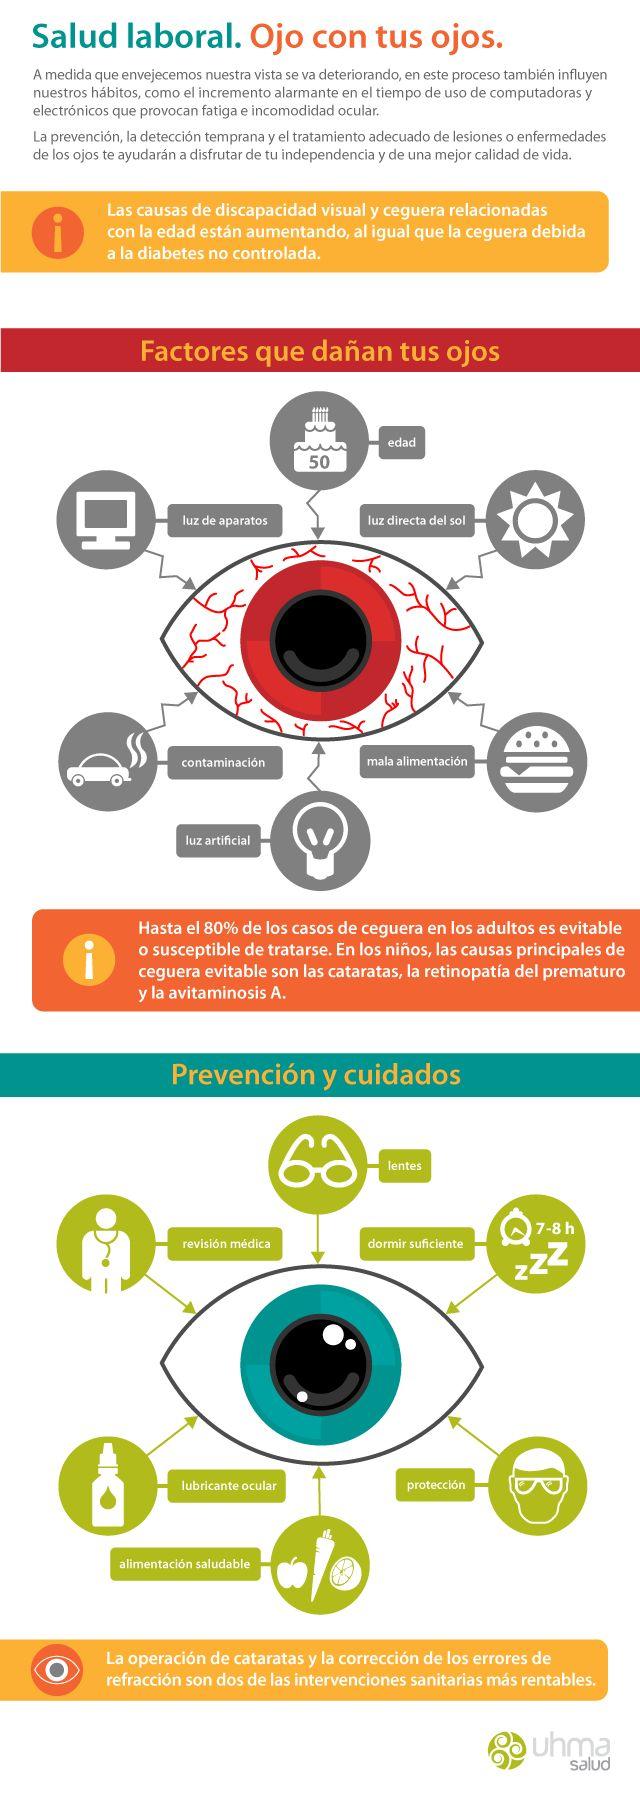 Salud laboral. Infografía sobre salud ocular.  ¿Qué haríamos sin nuestros ojos?